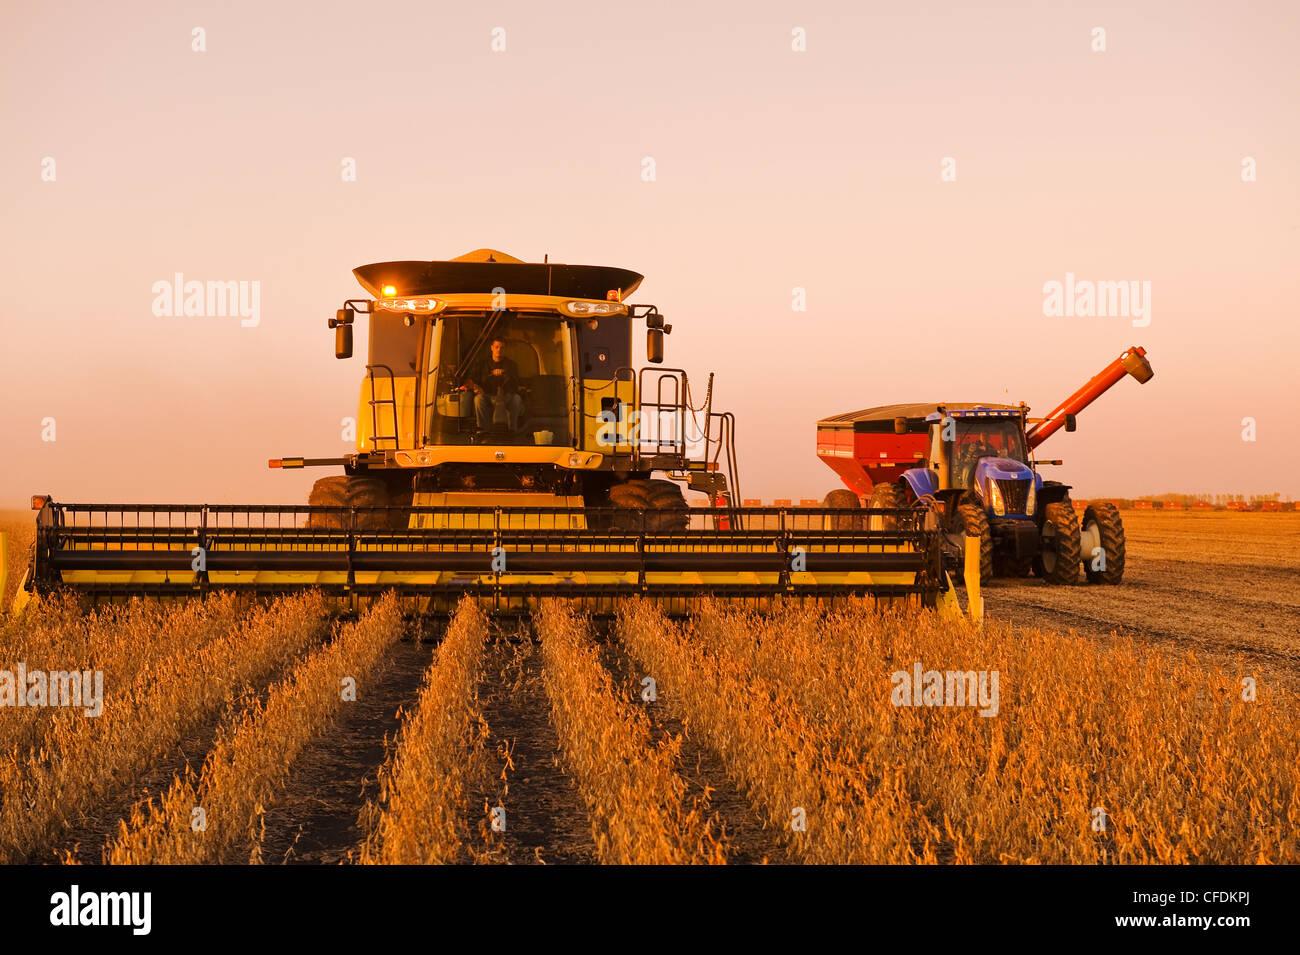 Ein Mähdrescher und Getreide Wagen während der Soja-Ernte, in der Nähe von Lorette, Manitoba, Kanada Stockbild